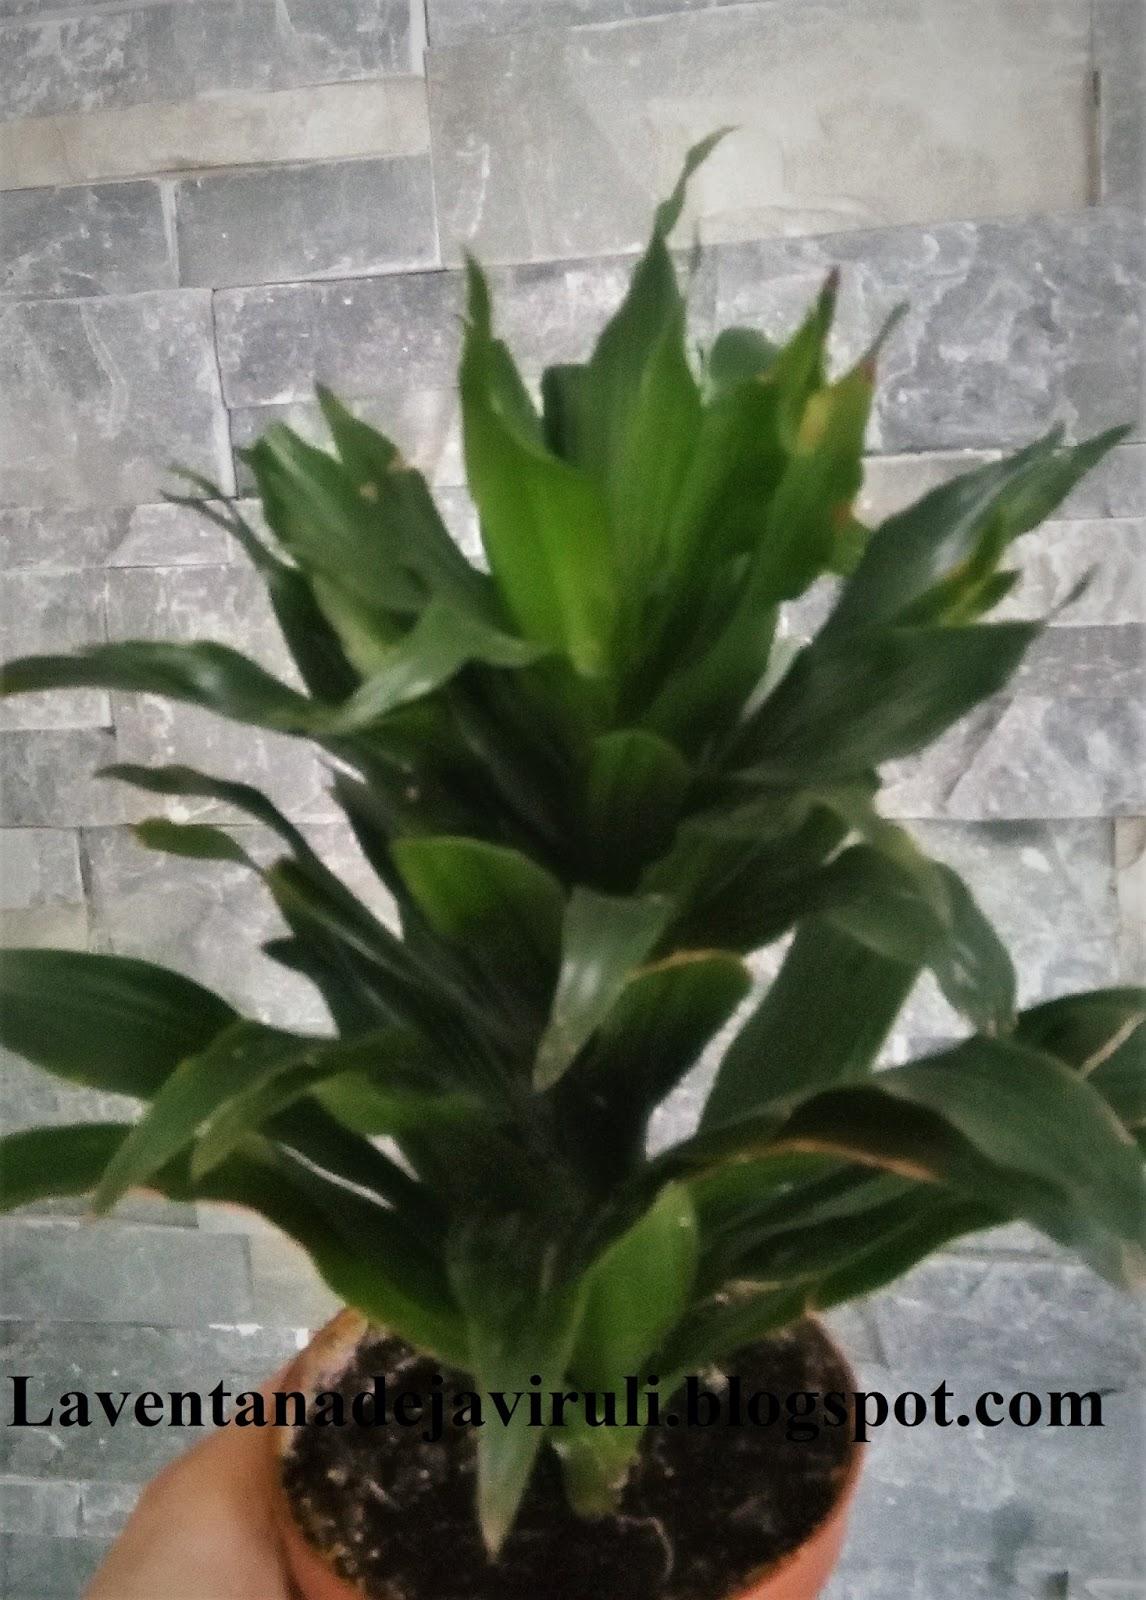 La ventana de javiruli plantas de interior 53 dracena - Plantas de interior nombres ...